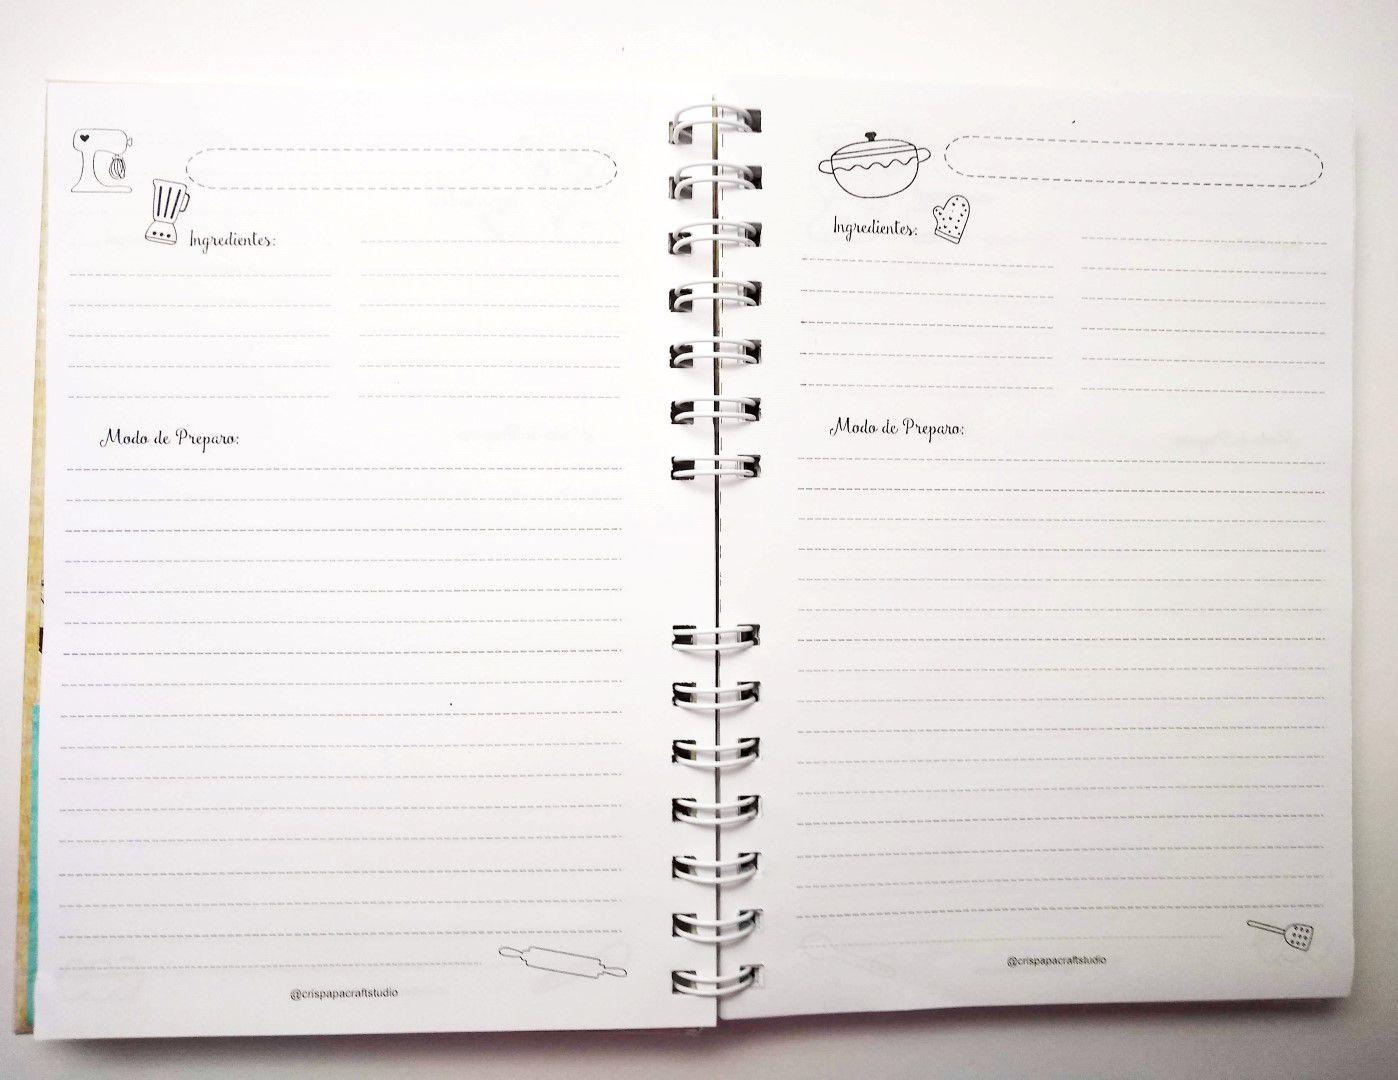 CRIS PAPA - Caderno de Receitas - On Line